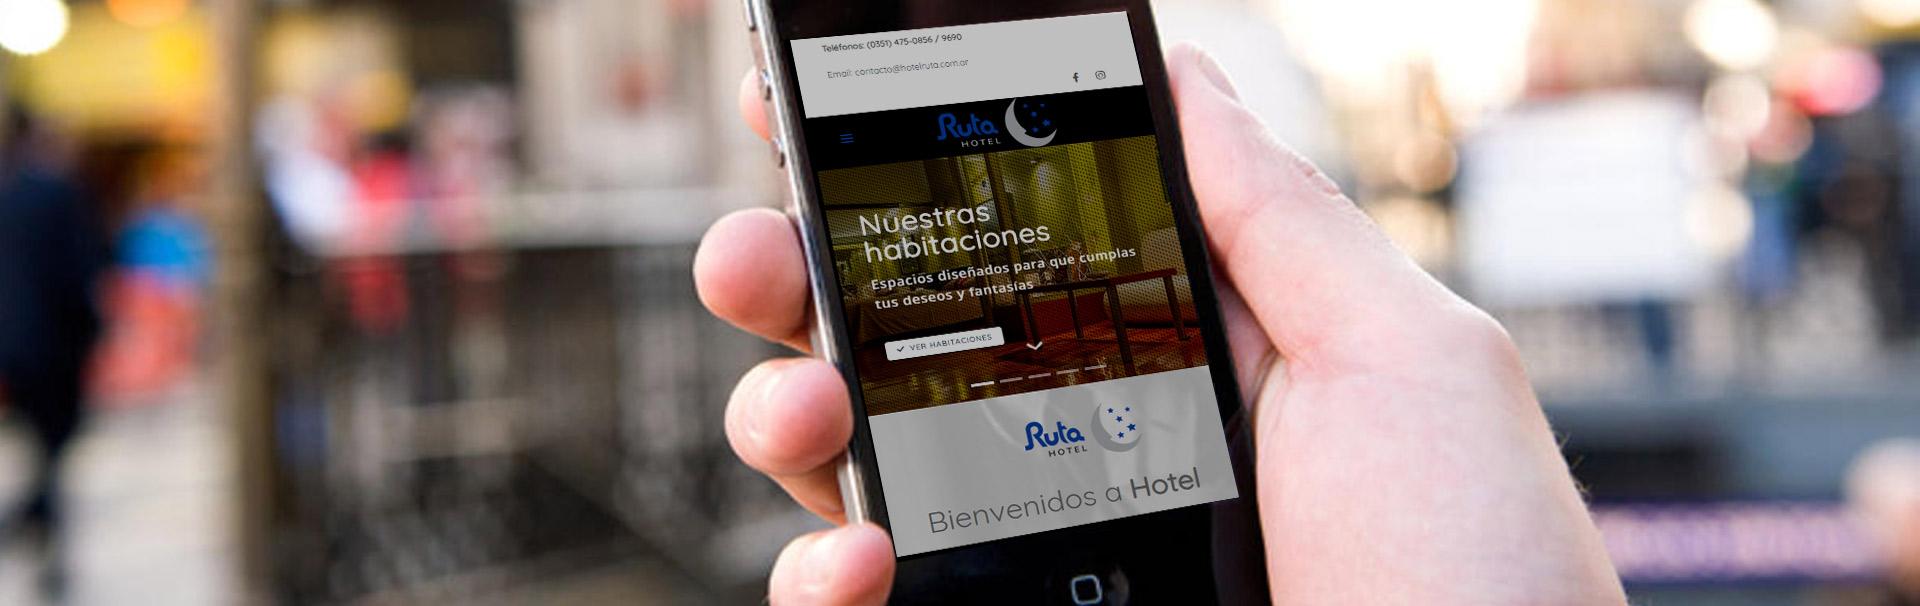 Ruta Hotel